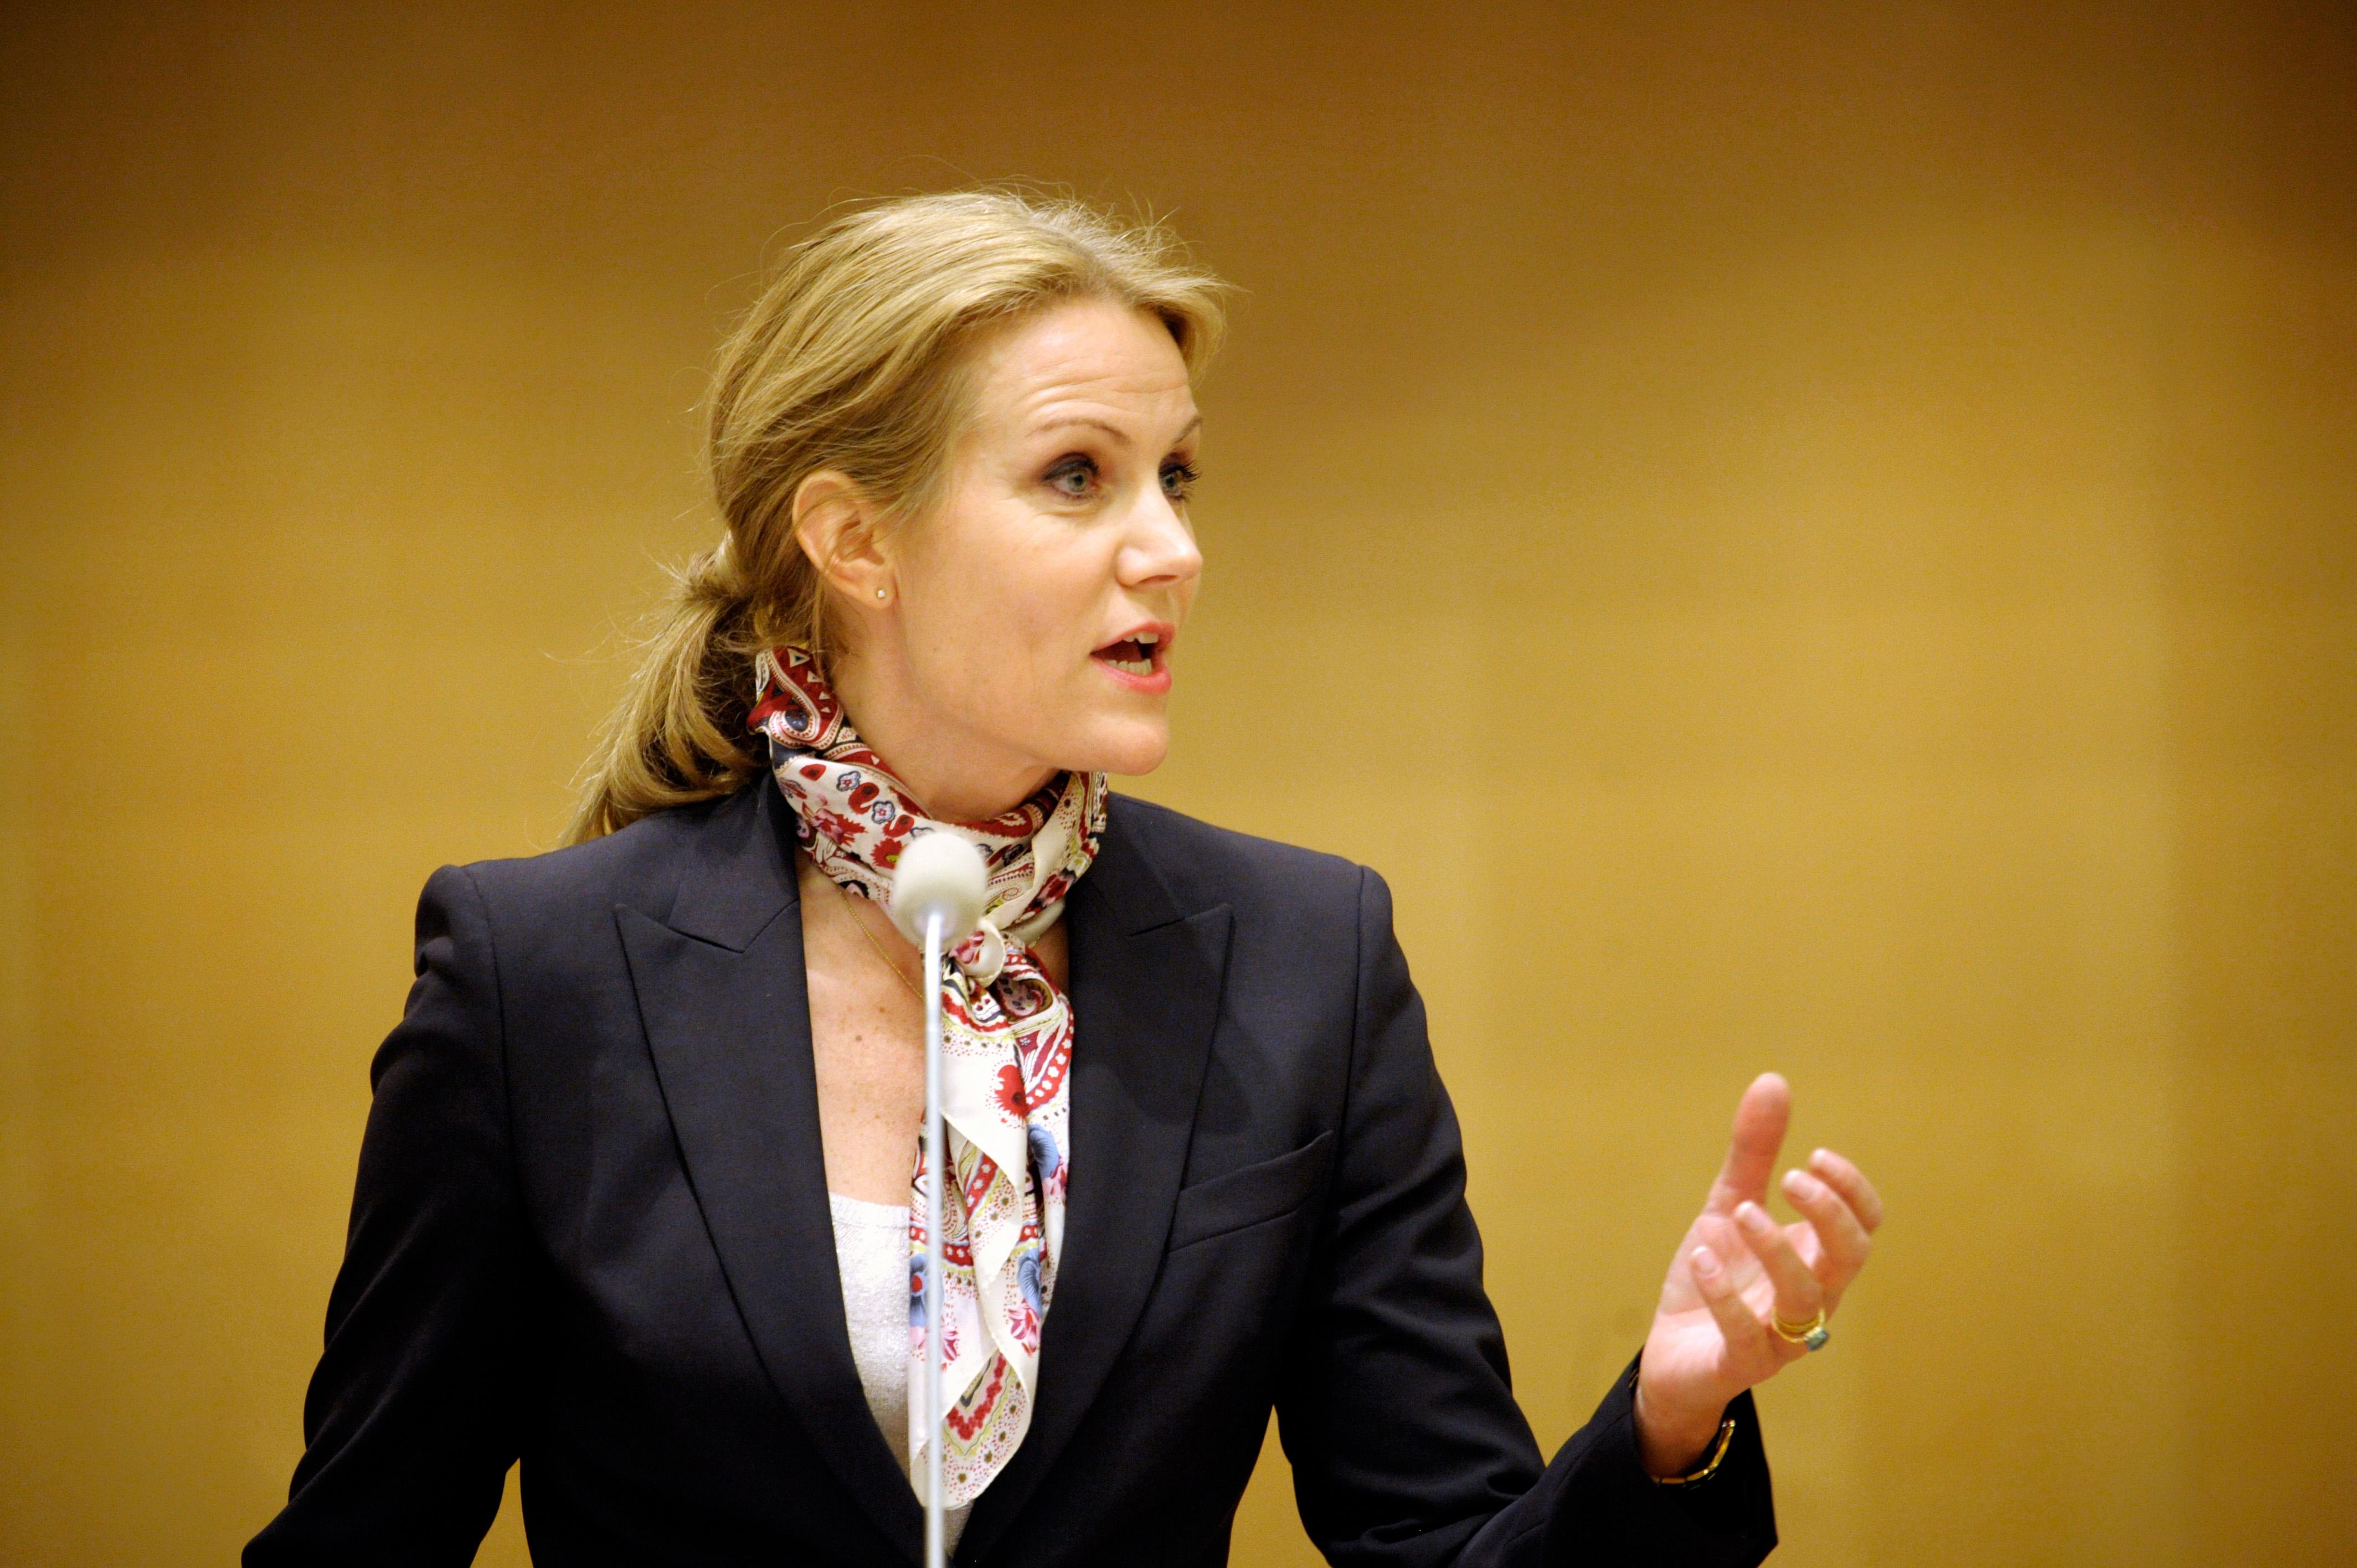 Helle Thorning-Schmidts, danska socialdemokraternas partiledare, i talarstolen vid Nordiska rådets session i Stockholm 2009